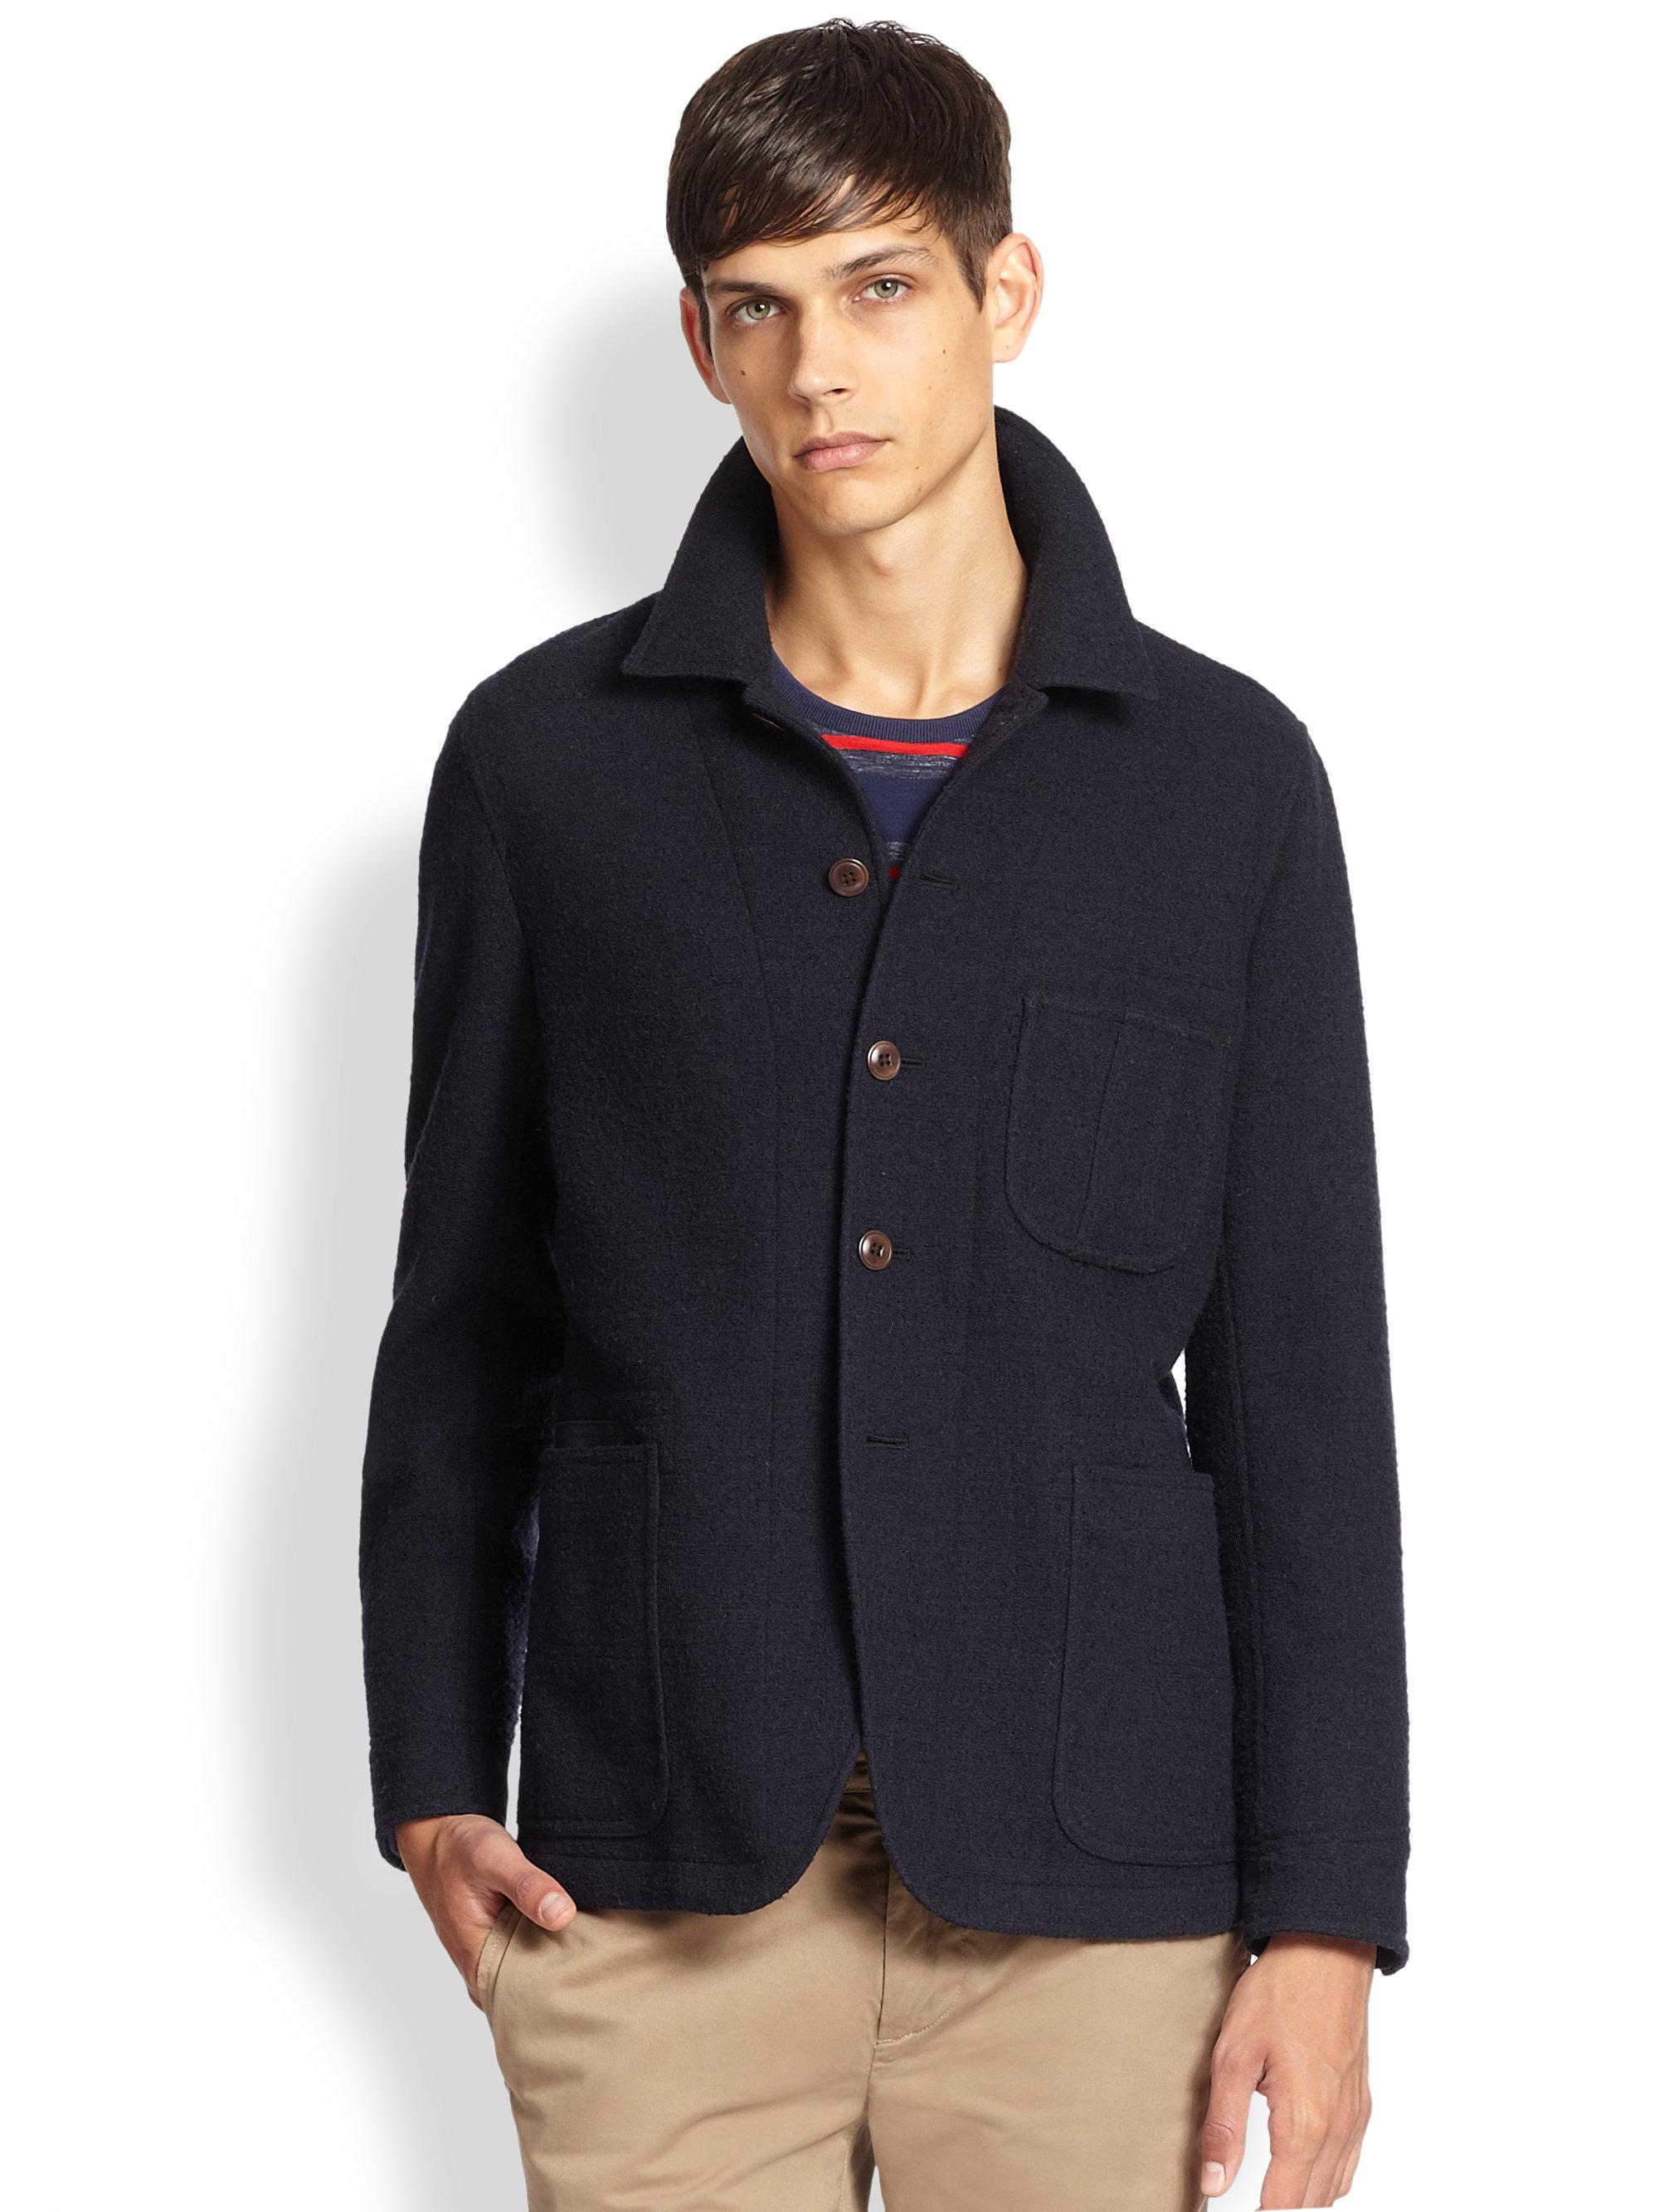 Jack spade Shelton Wool Work Jacket in Blue for Men | Lyst